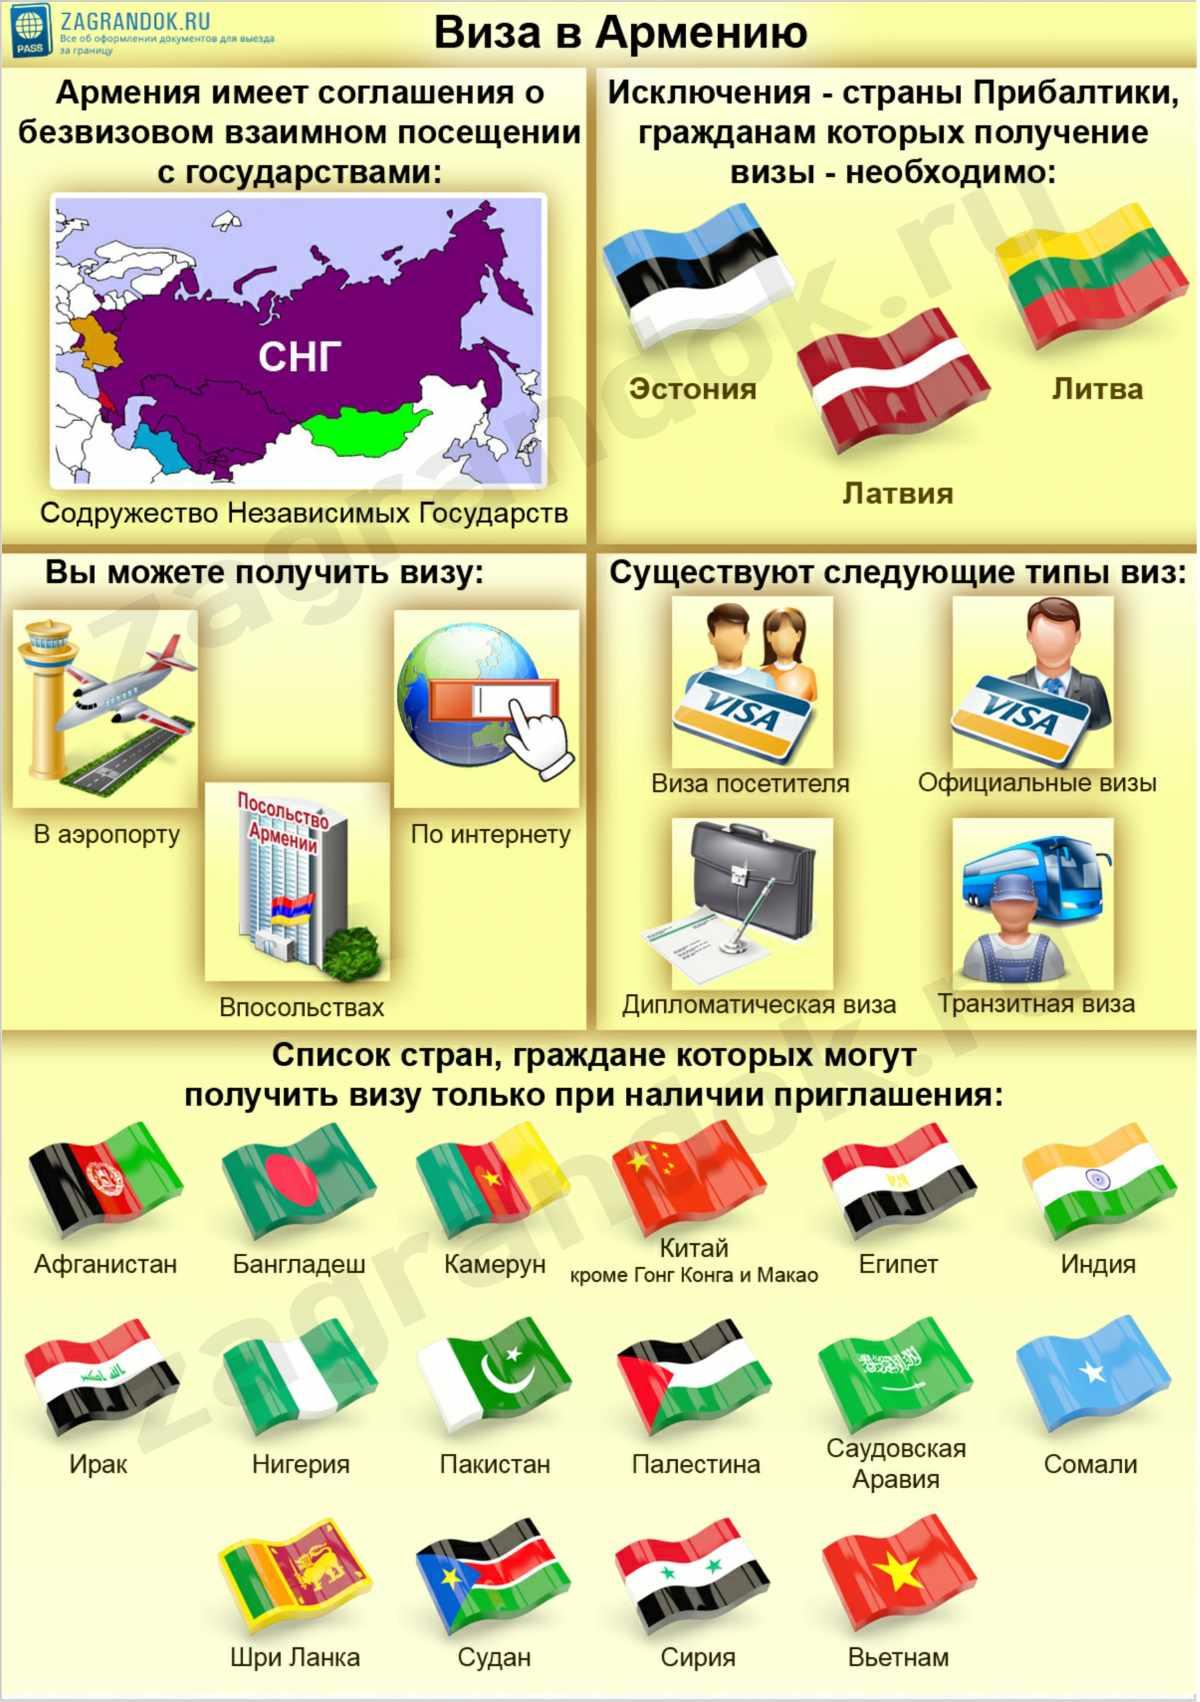 Виза в Армению копия